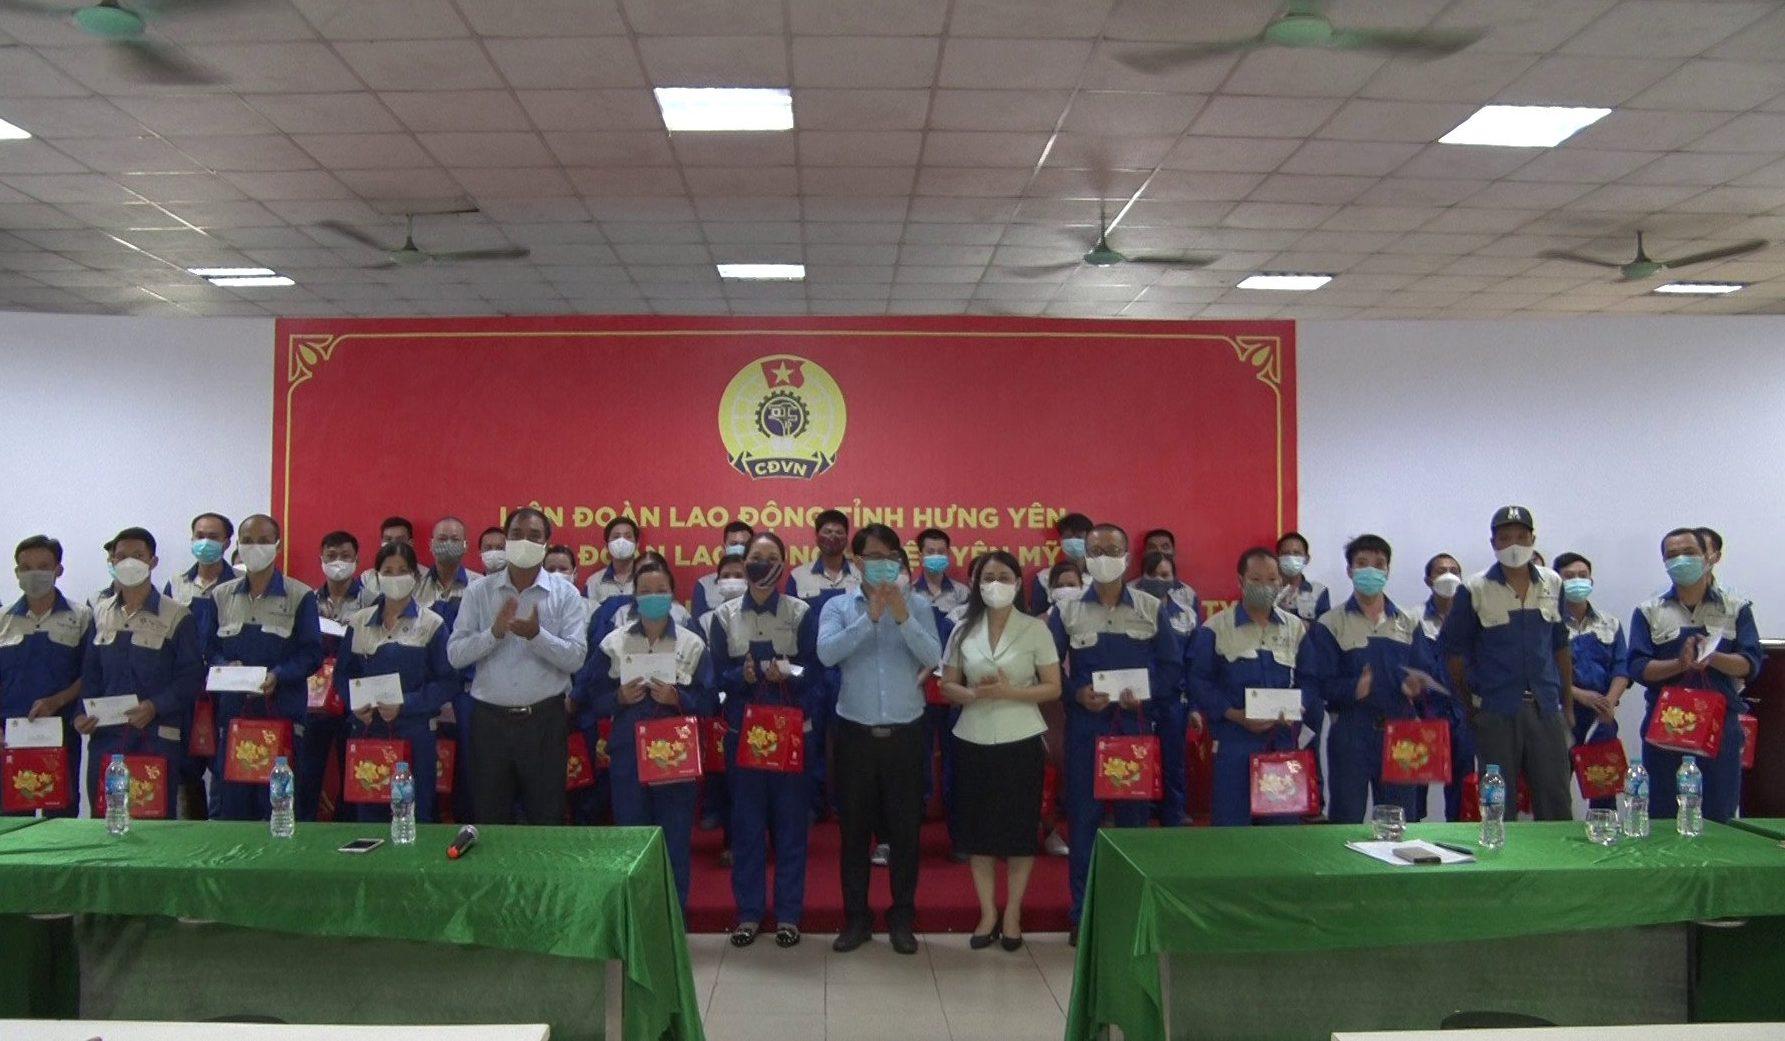 Liên đoàn Lao động tỉnh Hưng Yên thăm và tặng quà người lao động Tân Á Đại Thành